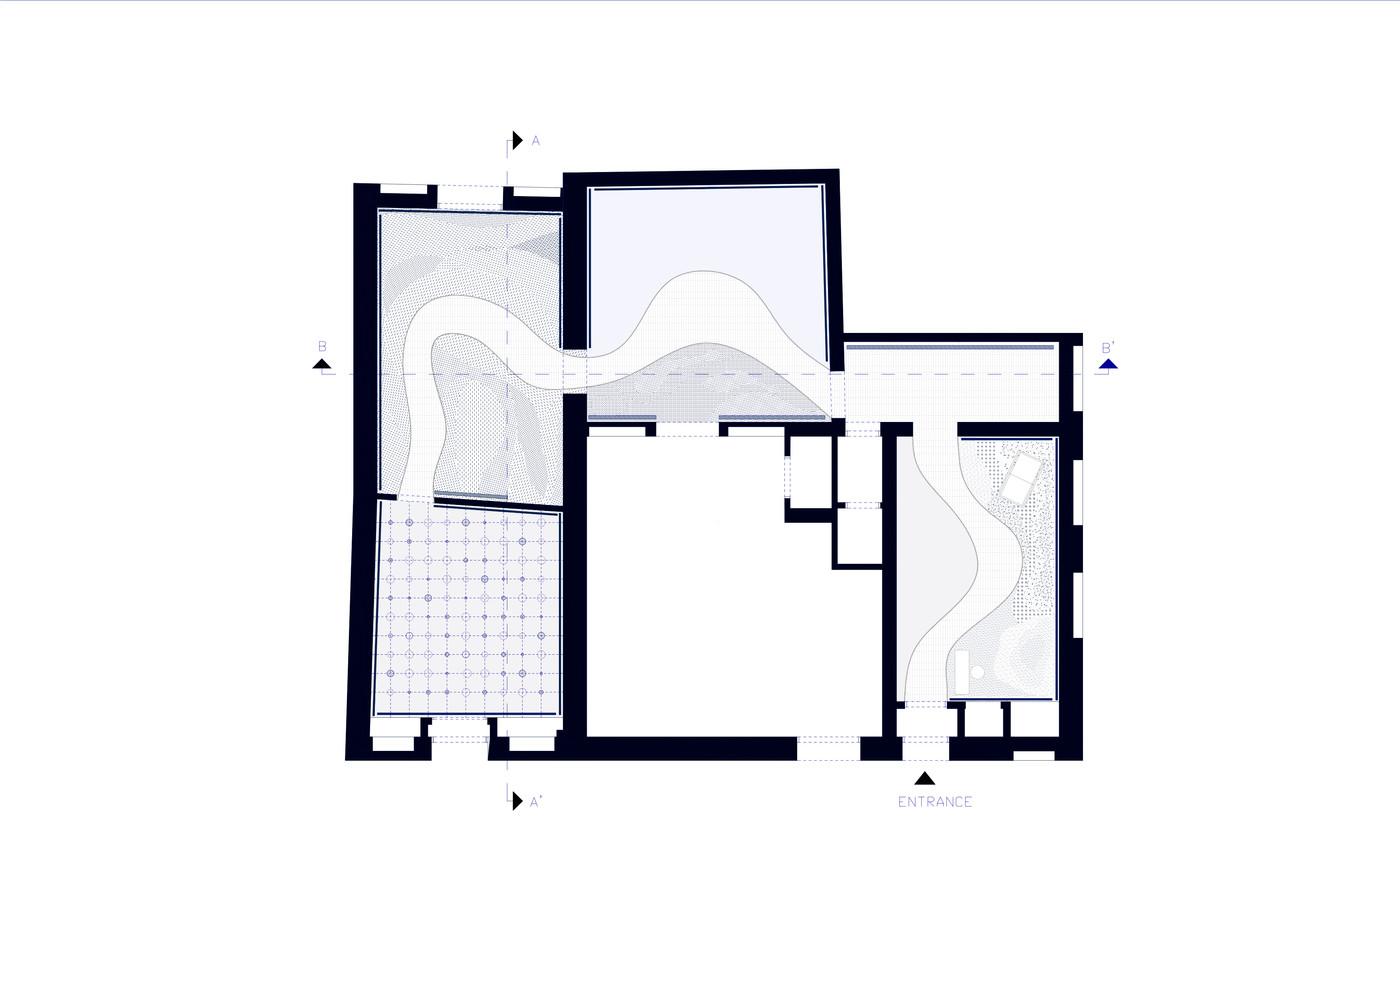 Plan of pavillion